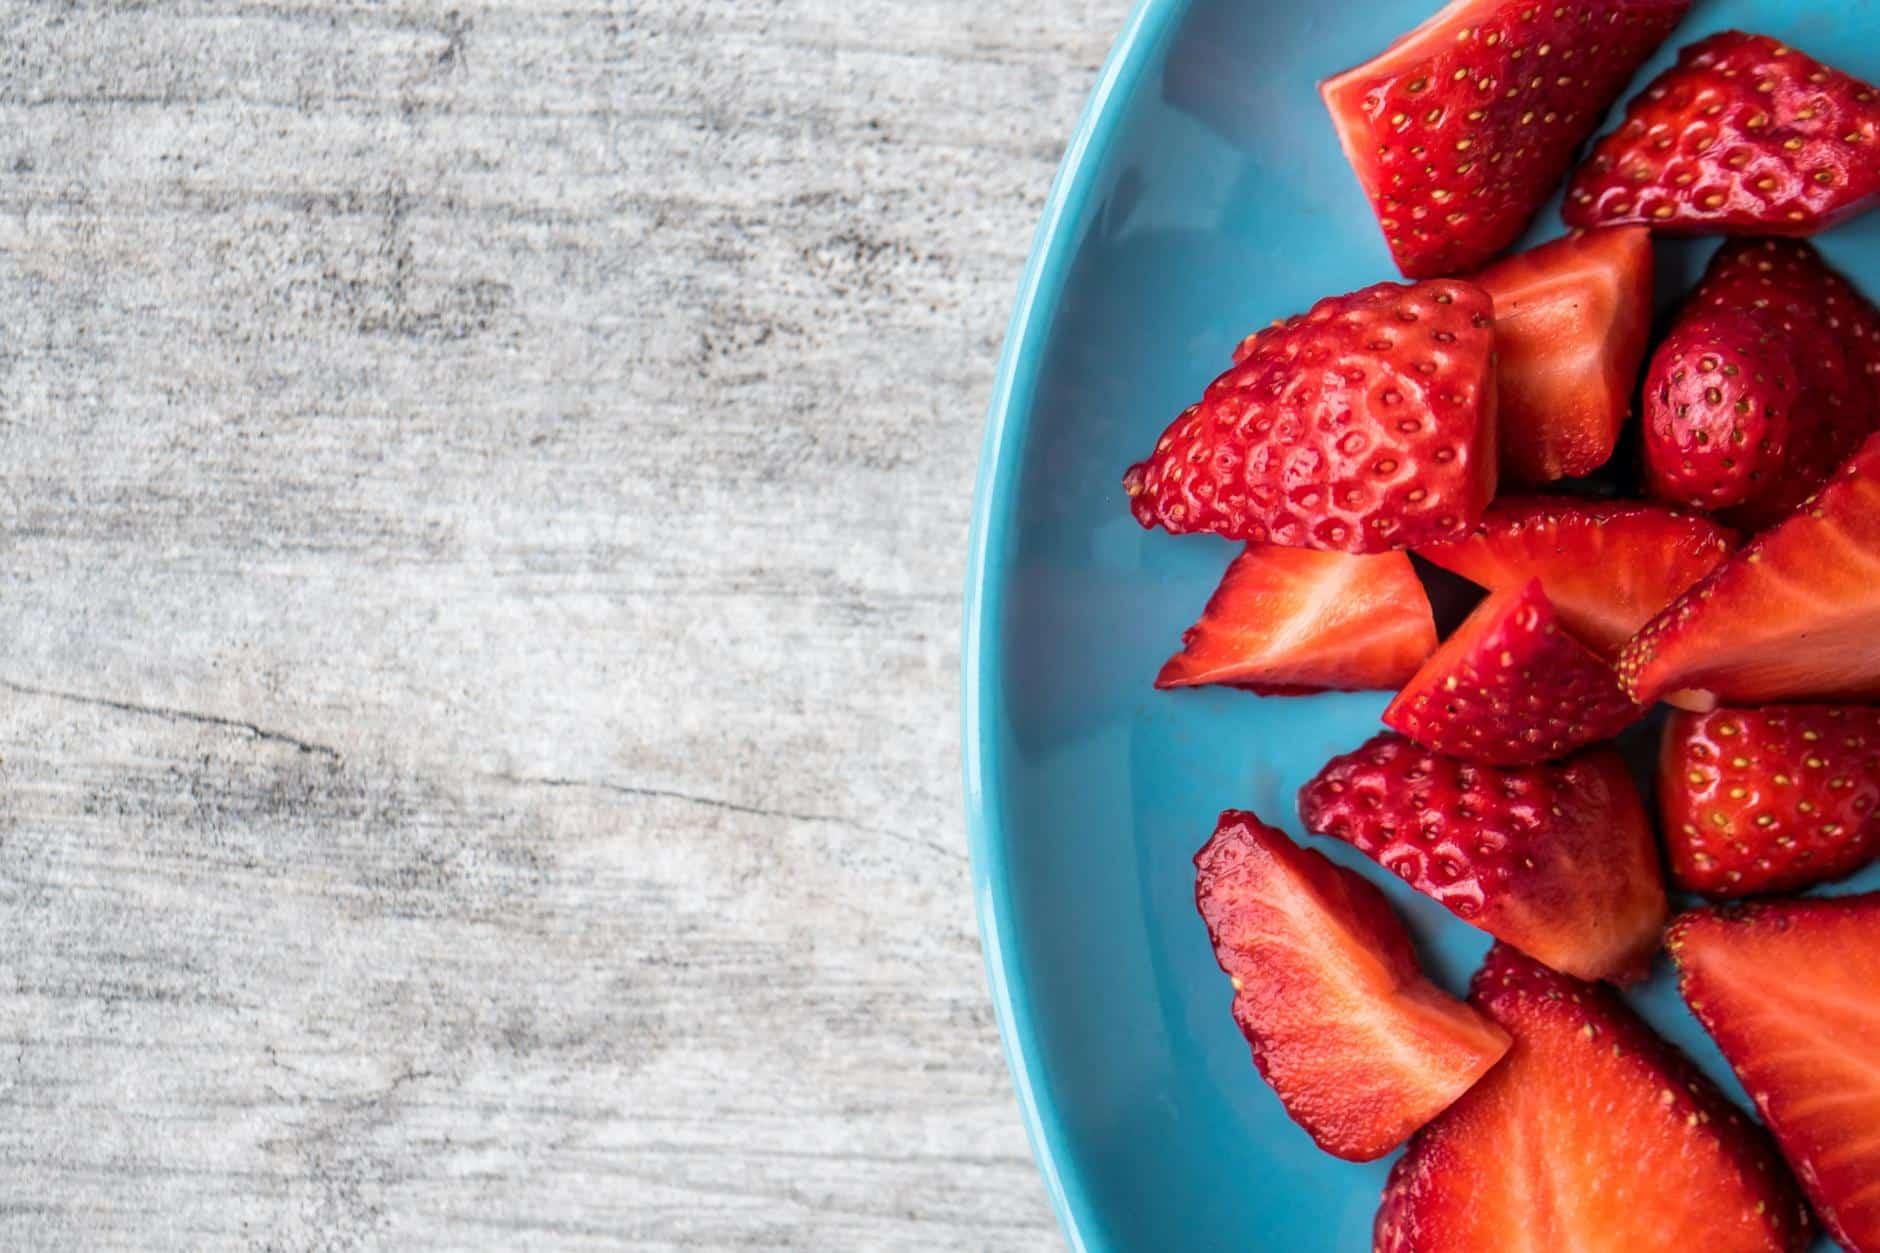 Beneficios de la fresa: 10 razones para comer más y más